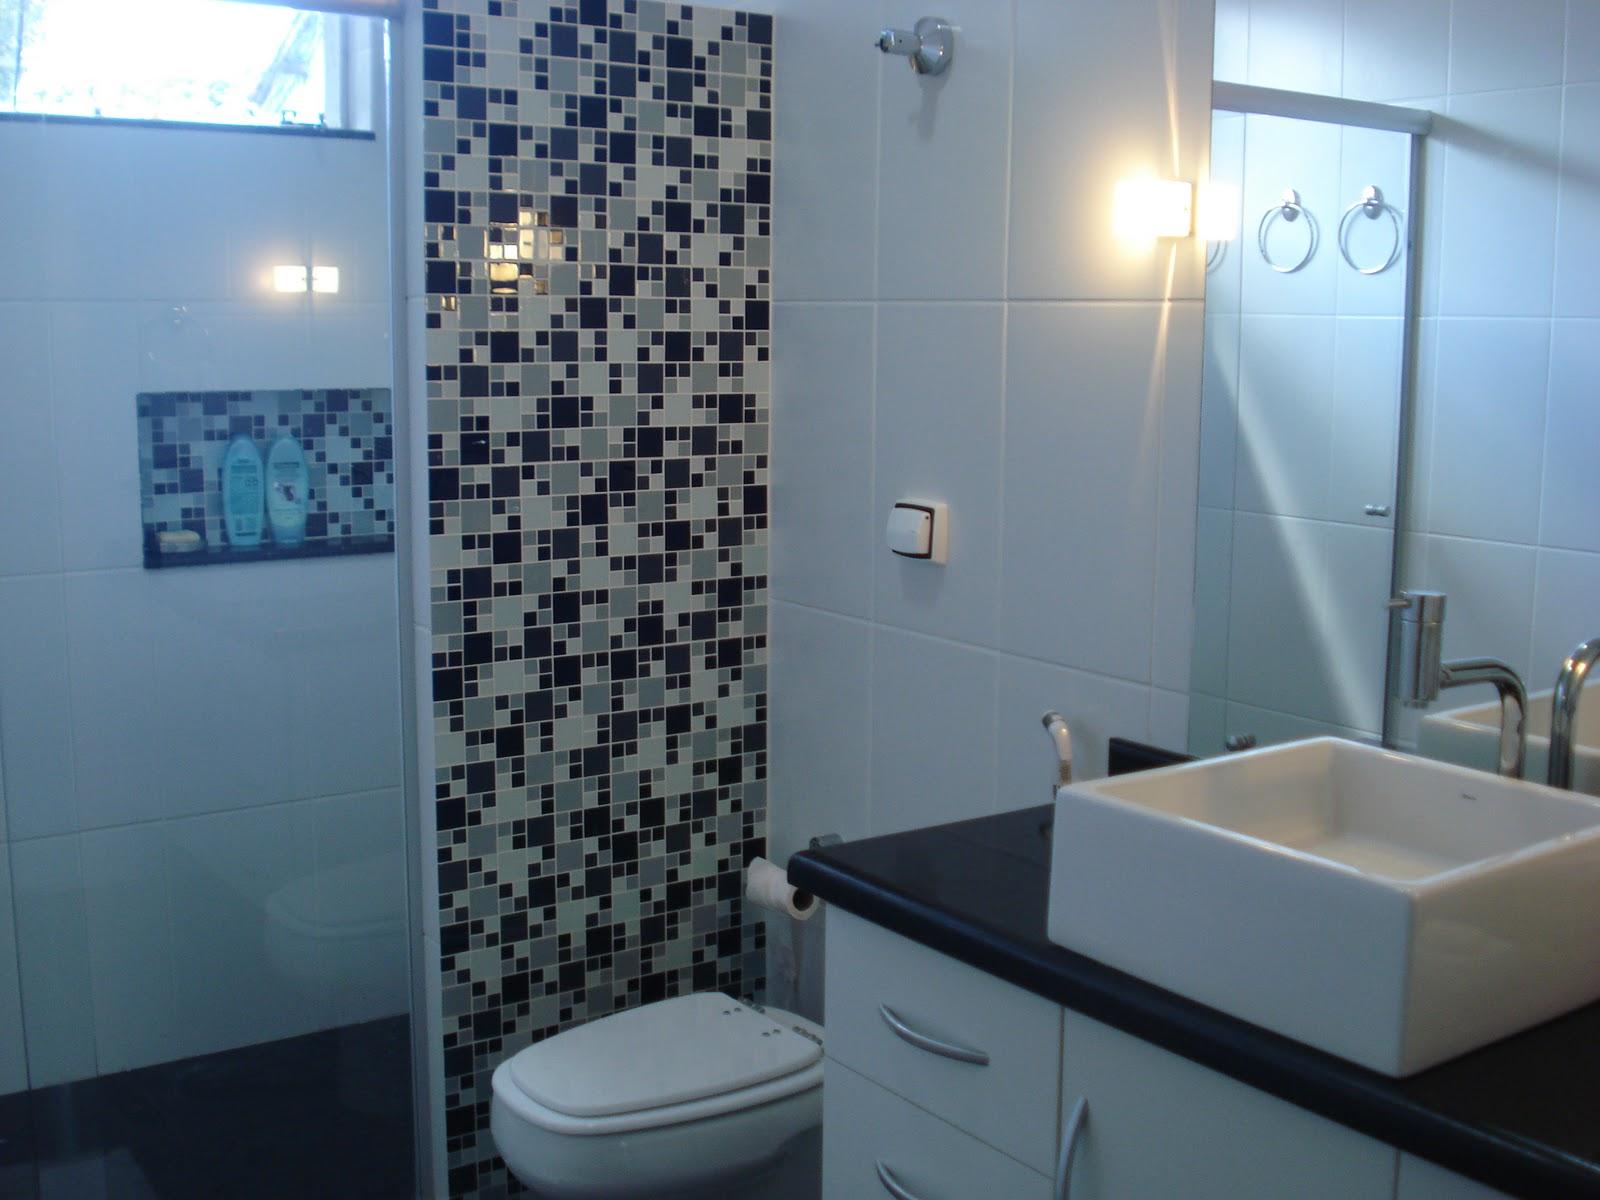 Imagens de #3A6991 Banheiros com pastilhas pretas e brancas Decorando Casas 1600x1200 px 3726 Banheiros Planejados Preto E Branco